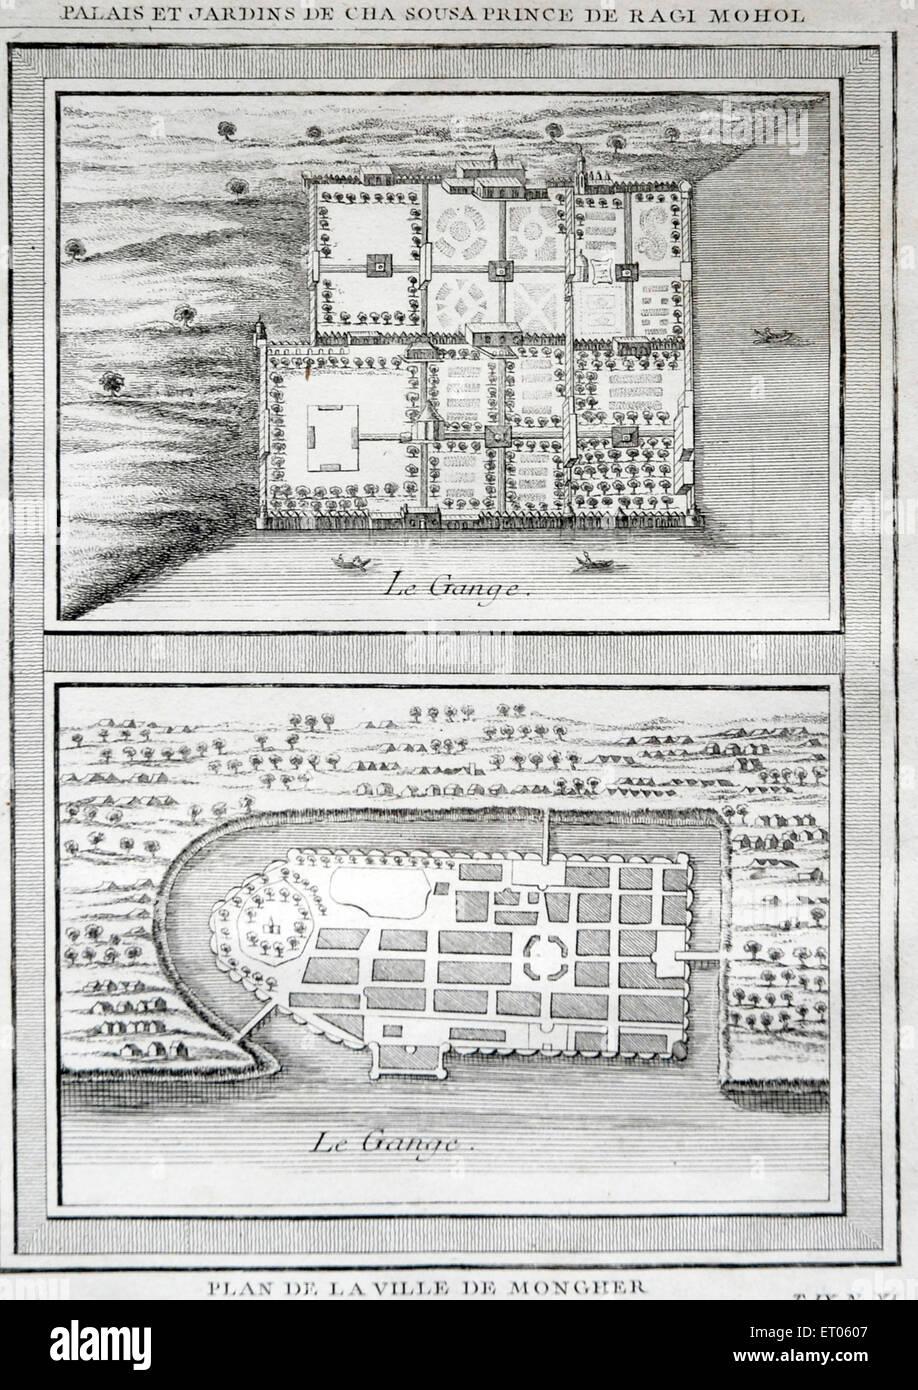 India map ; Palais et Jardins De Cha Sousa Prince de Ragi Mohol Plan De La Ville De Mongher - Stock Image